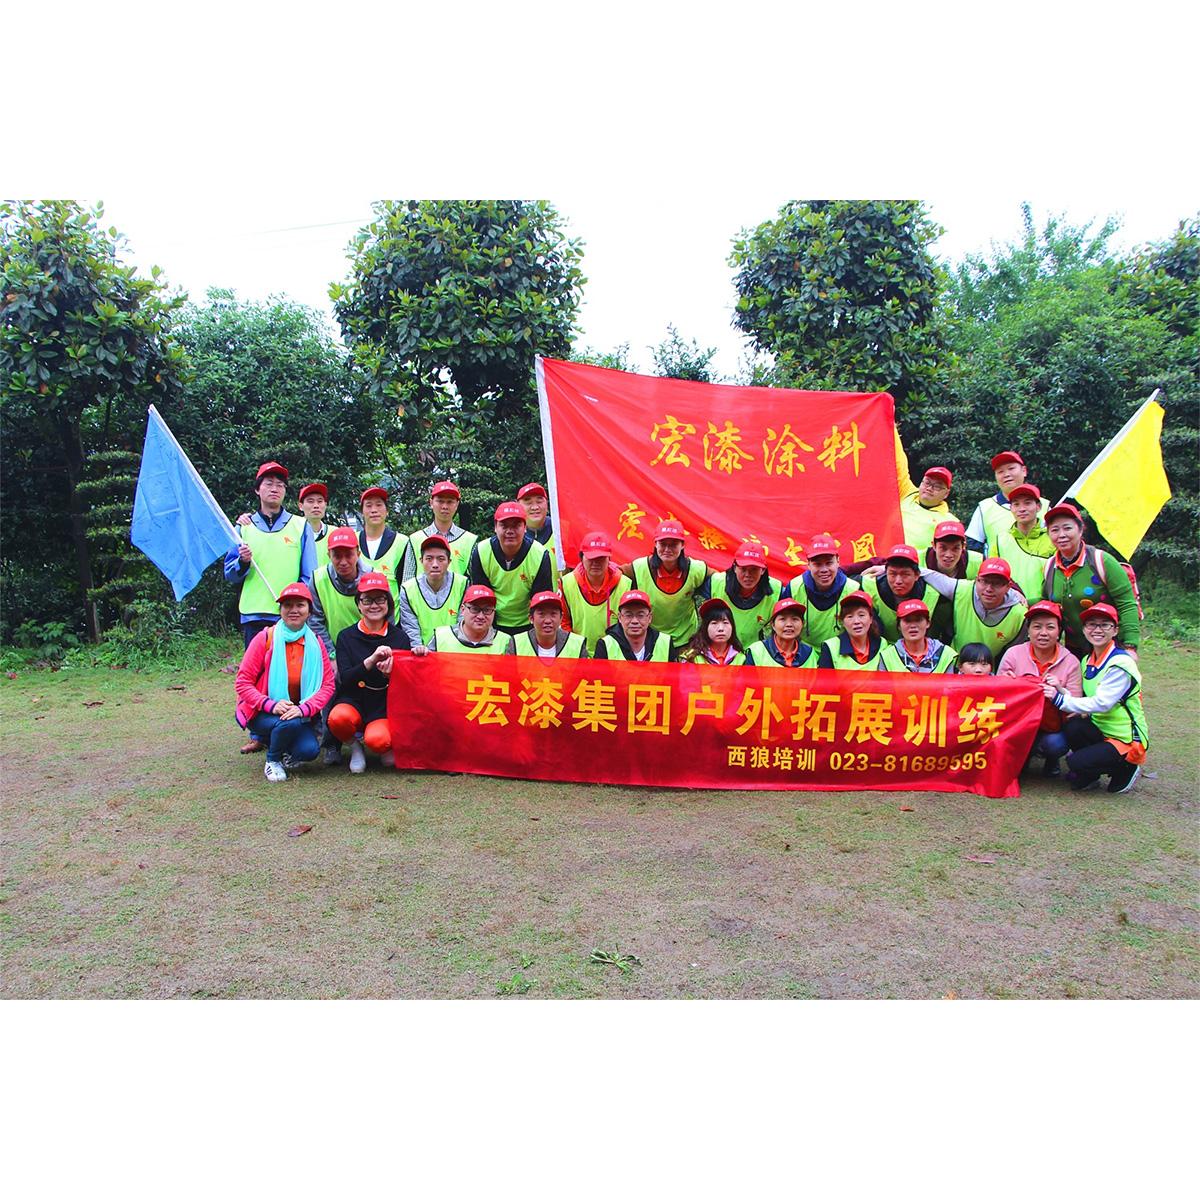 2017年青年节活动